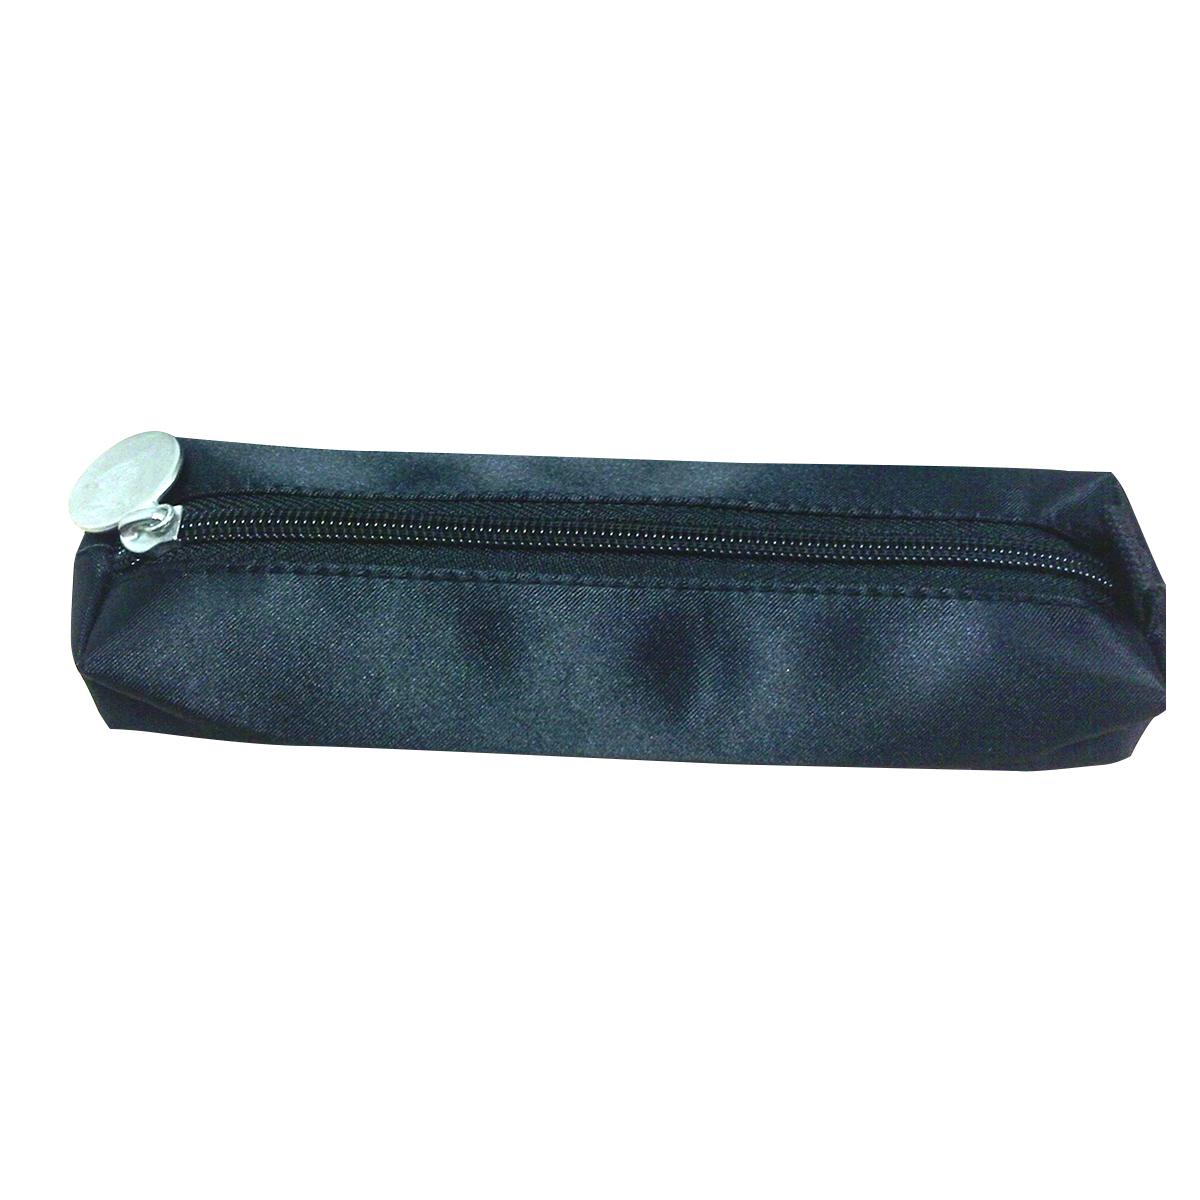 Satin Pencil Case